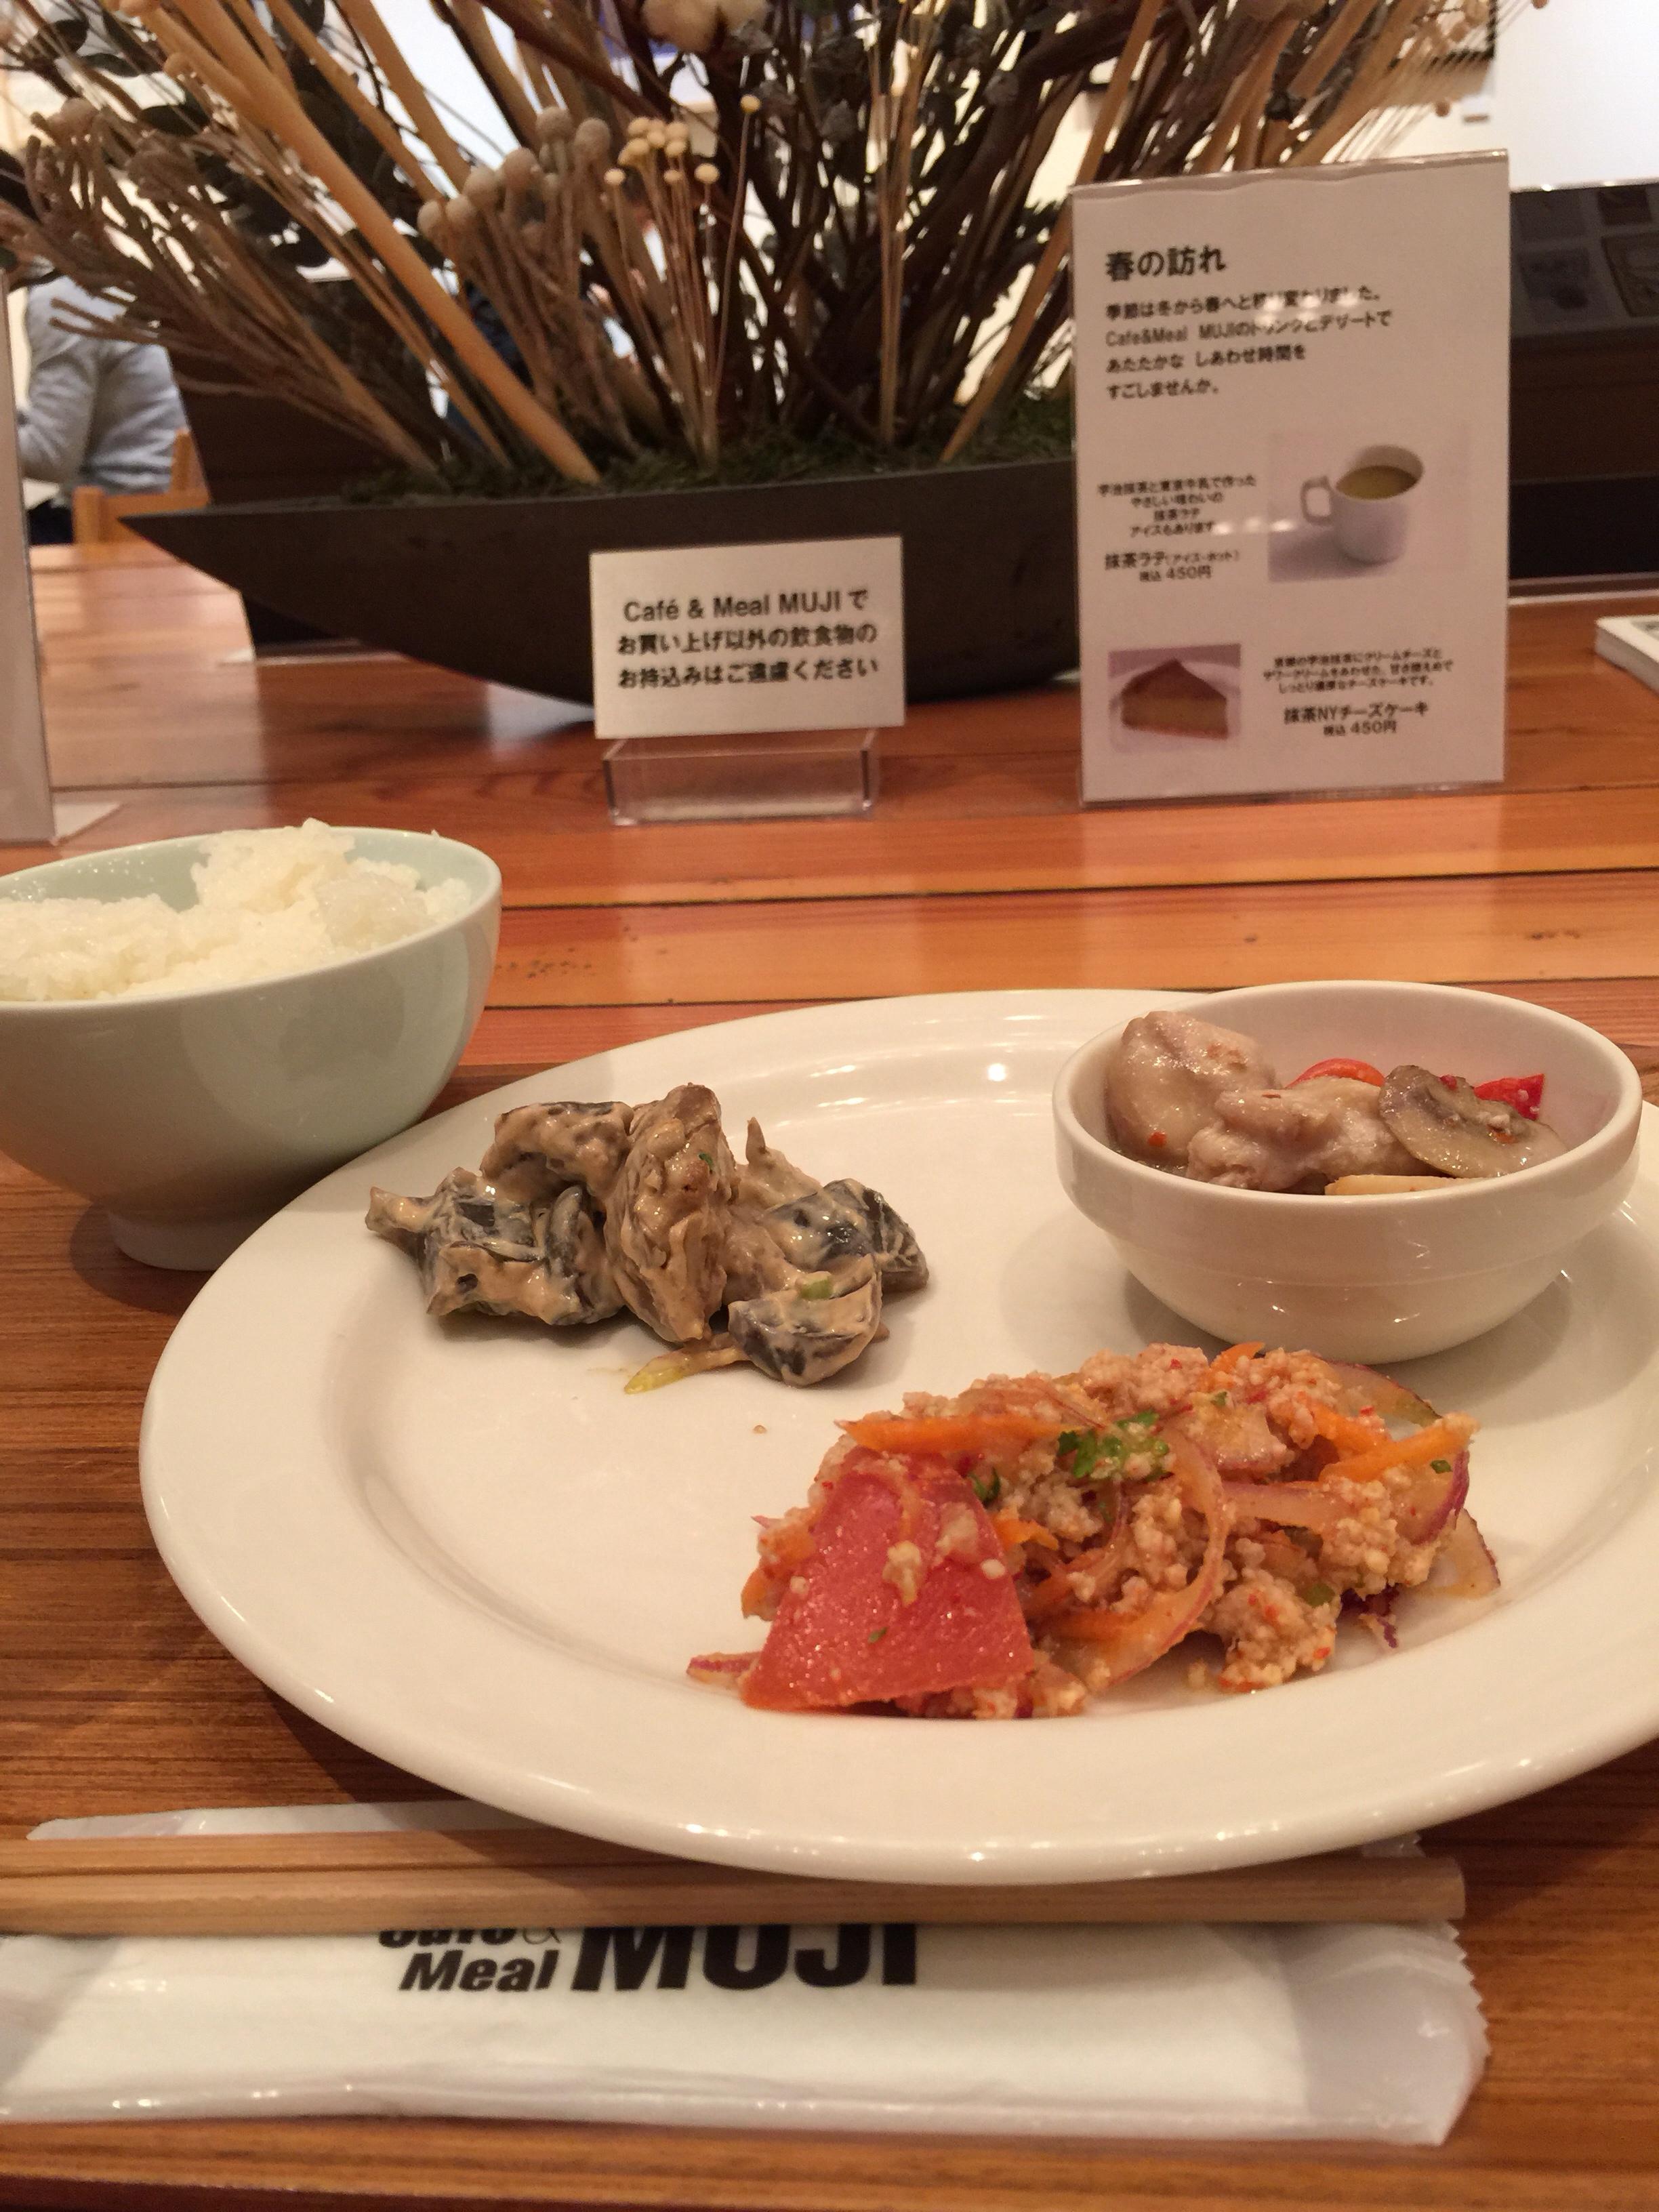 【新宿】子連れOKな新宿のカフェ&ミール ムジ  Café&Meal MUJI